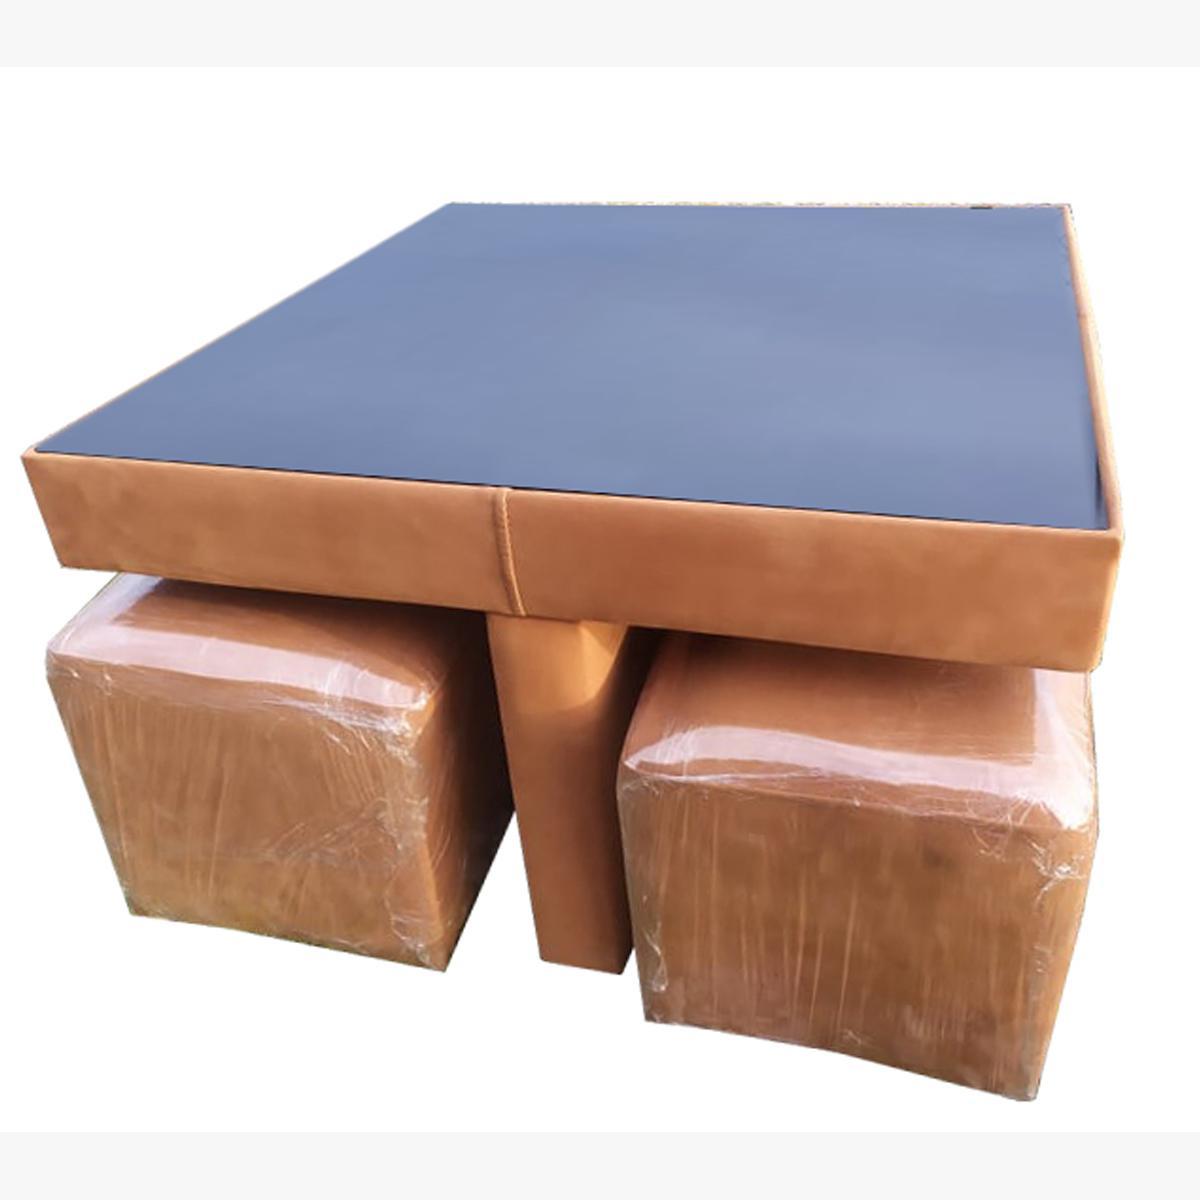 მაგიდა პუფის დასაჯდომებით